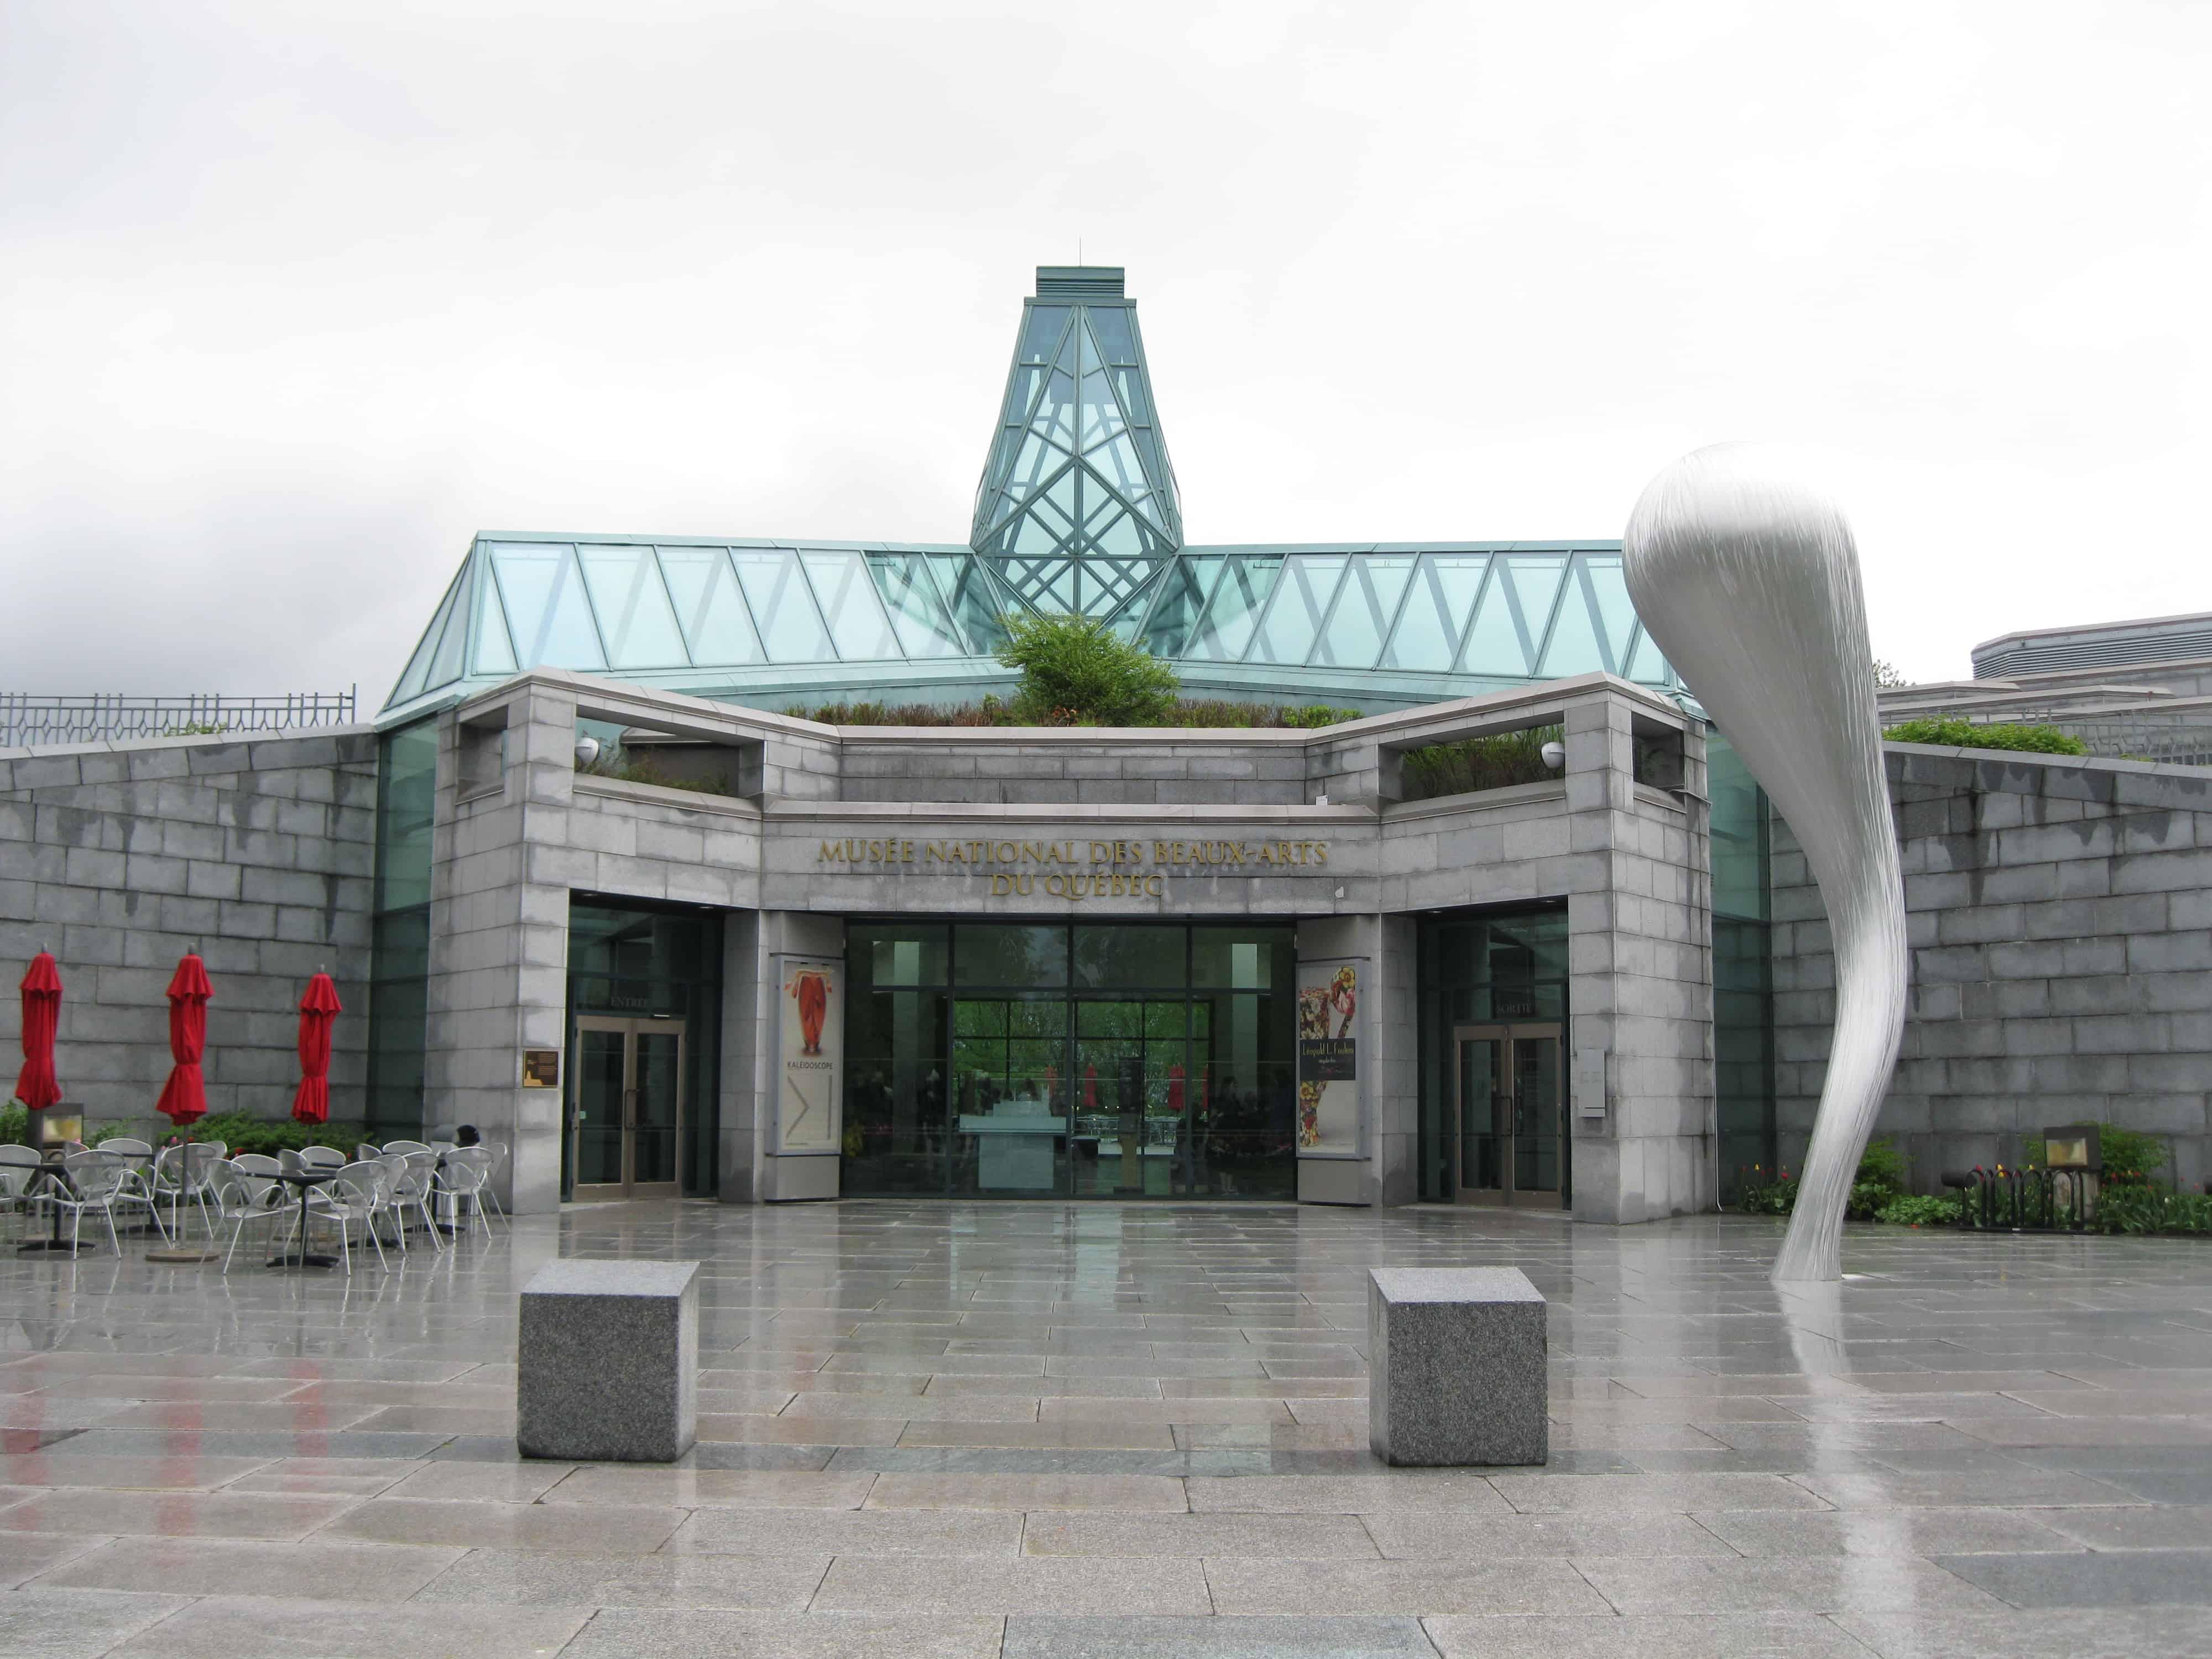 Pavillion of the Musée National des beaux arts du Québec